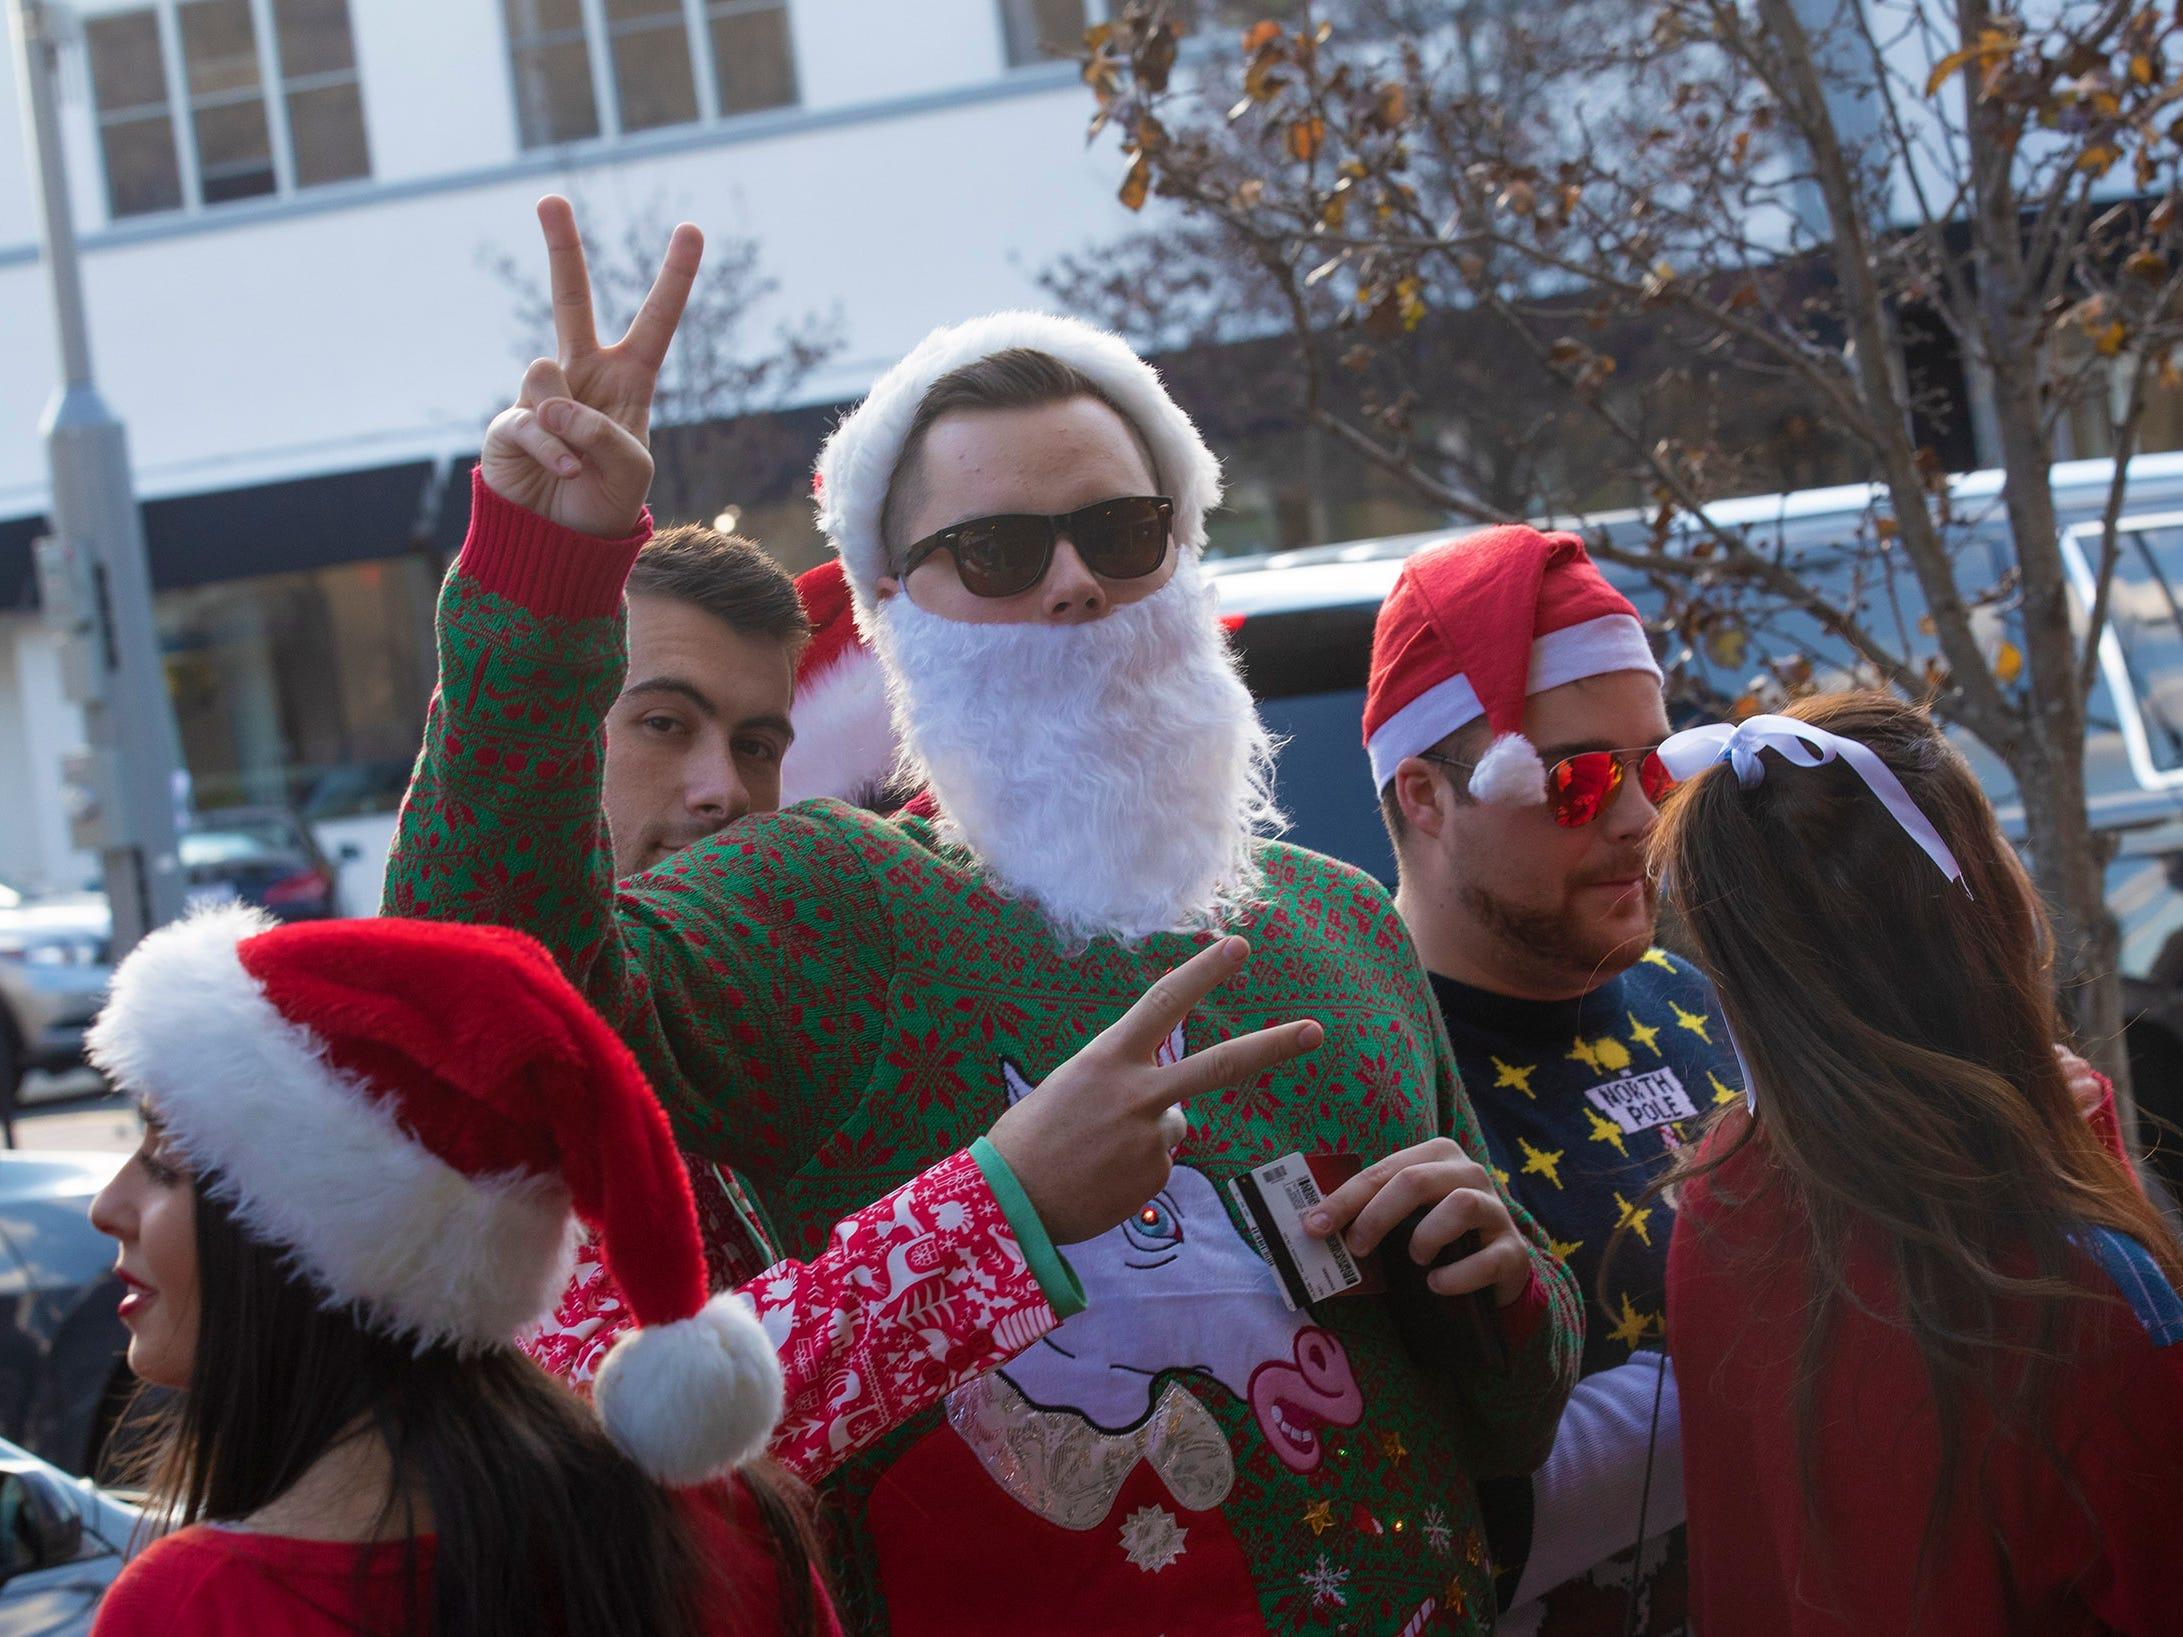 SantaCon Bar Crawl through Asbury Park on December 8, 2018.